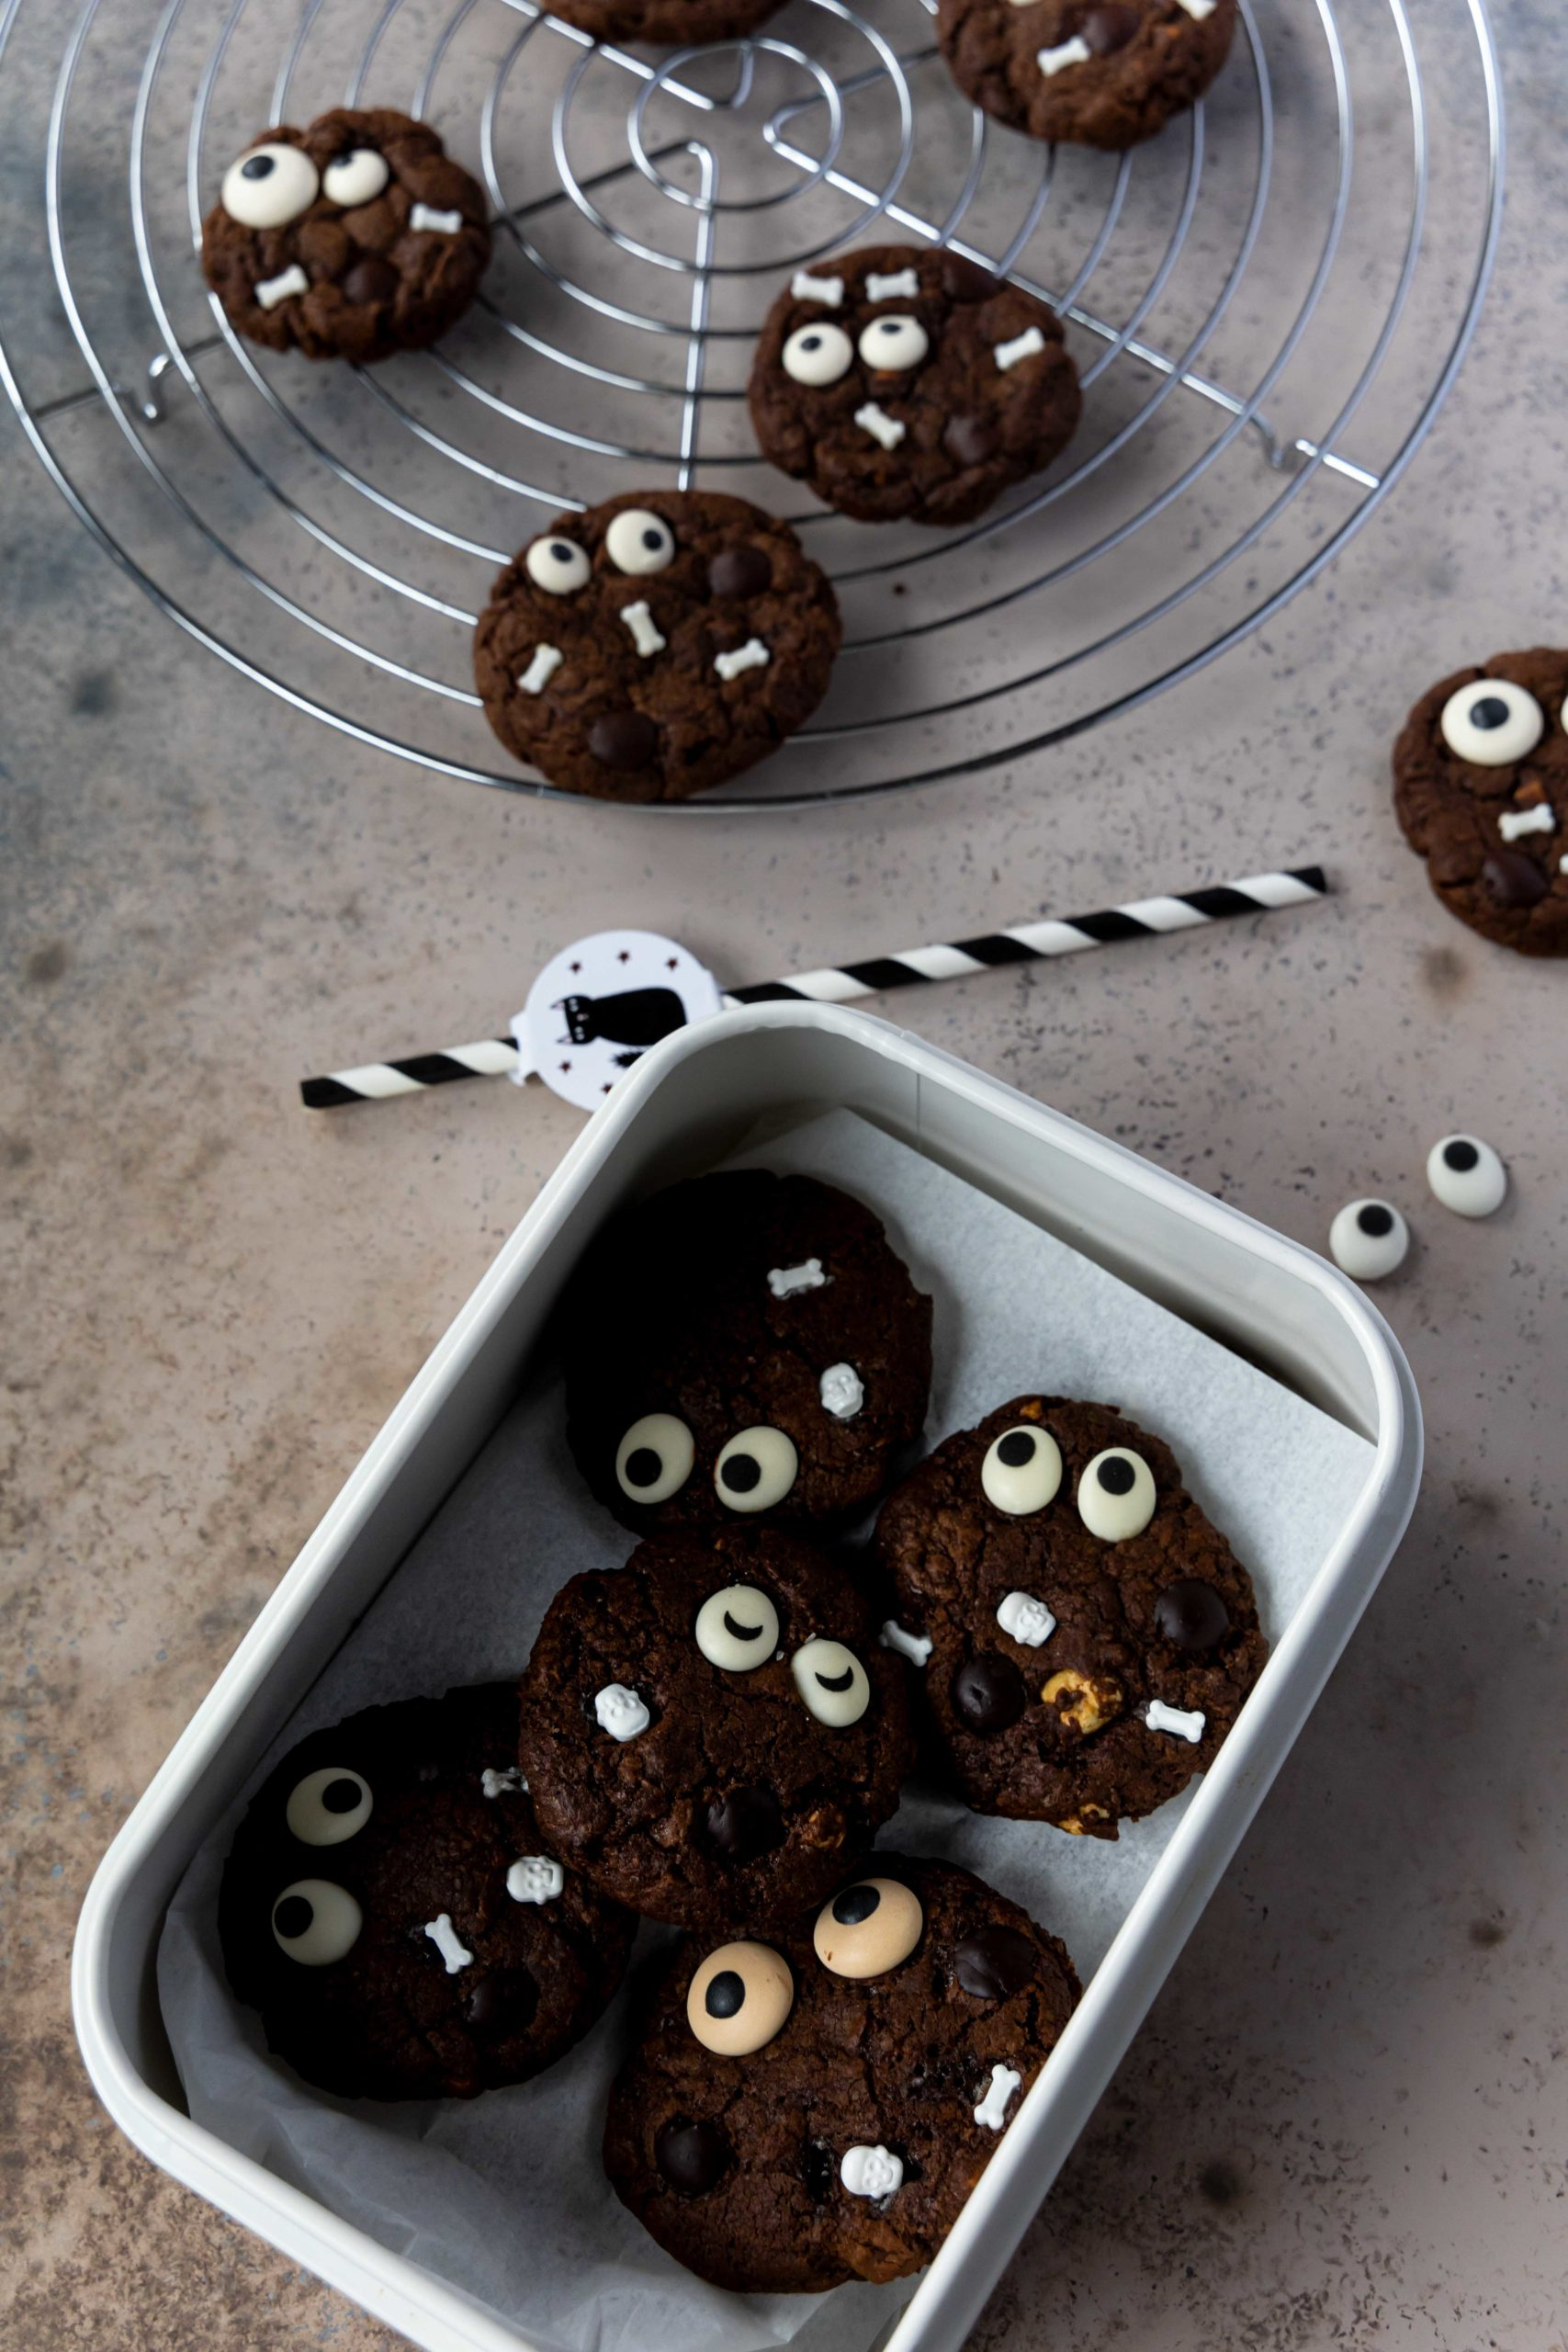 Halloween Schoko Cookies mit Zuckeraugen // Halloween Chocolate Cookies by https://babyrockmyday.com/halloween-schoko-cookies